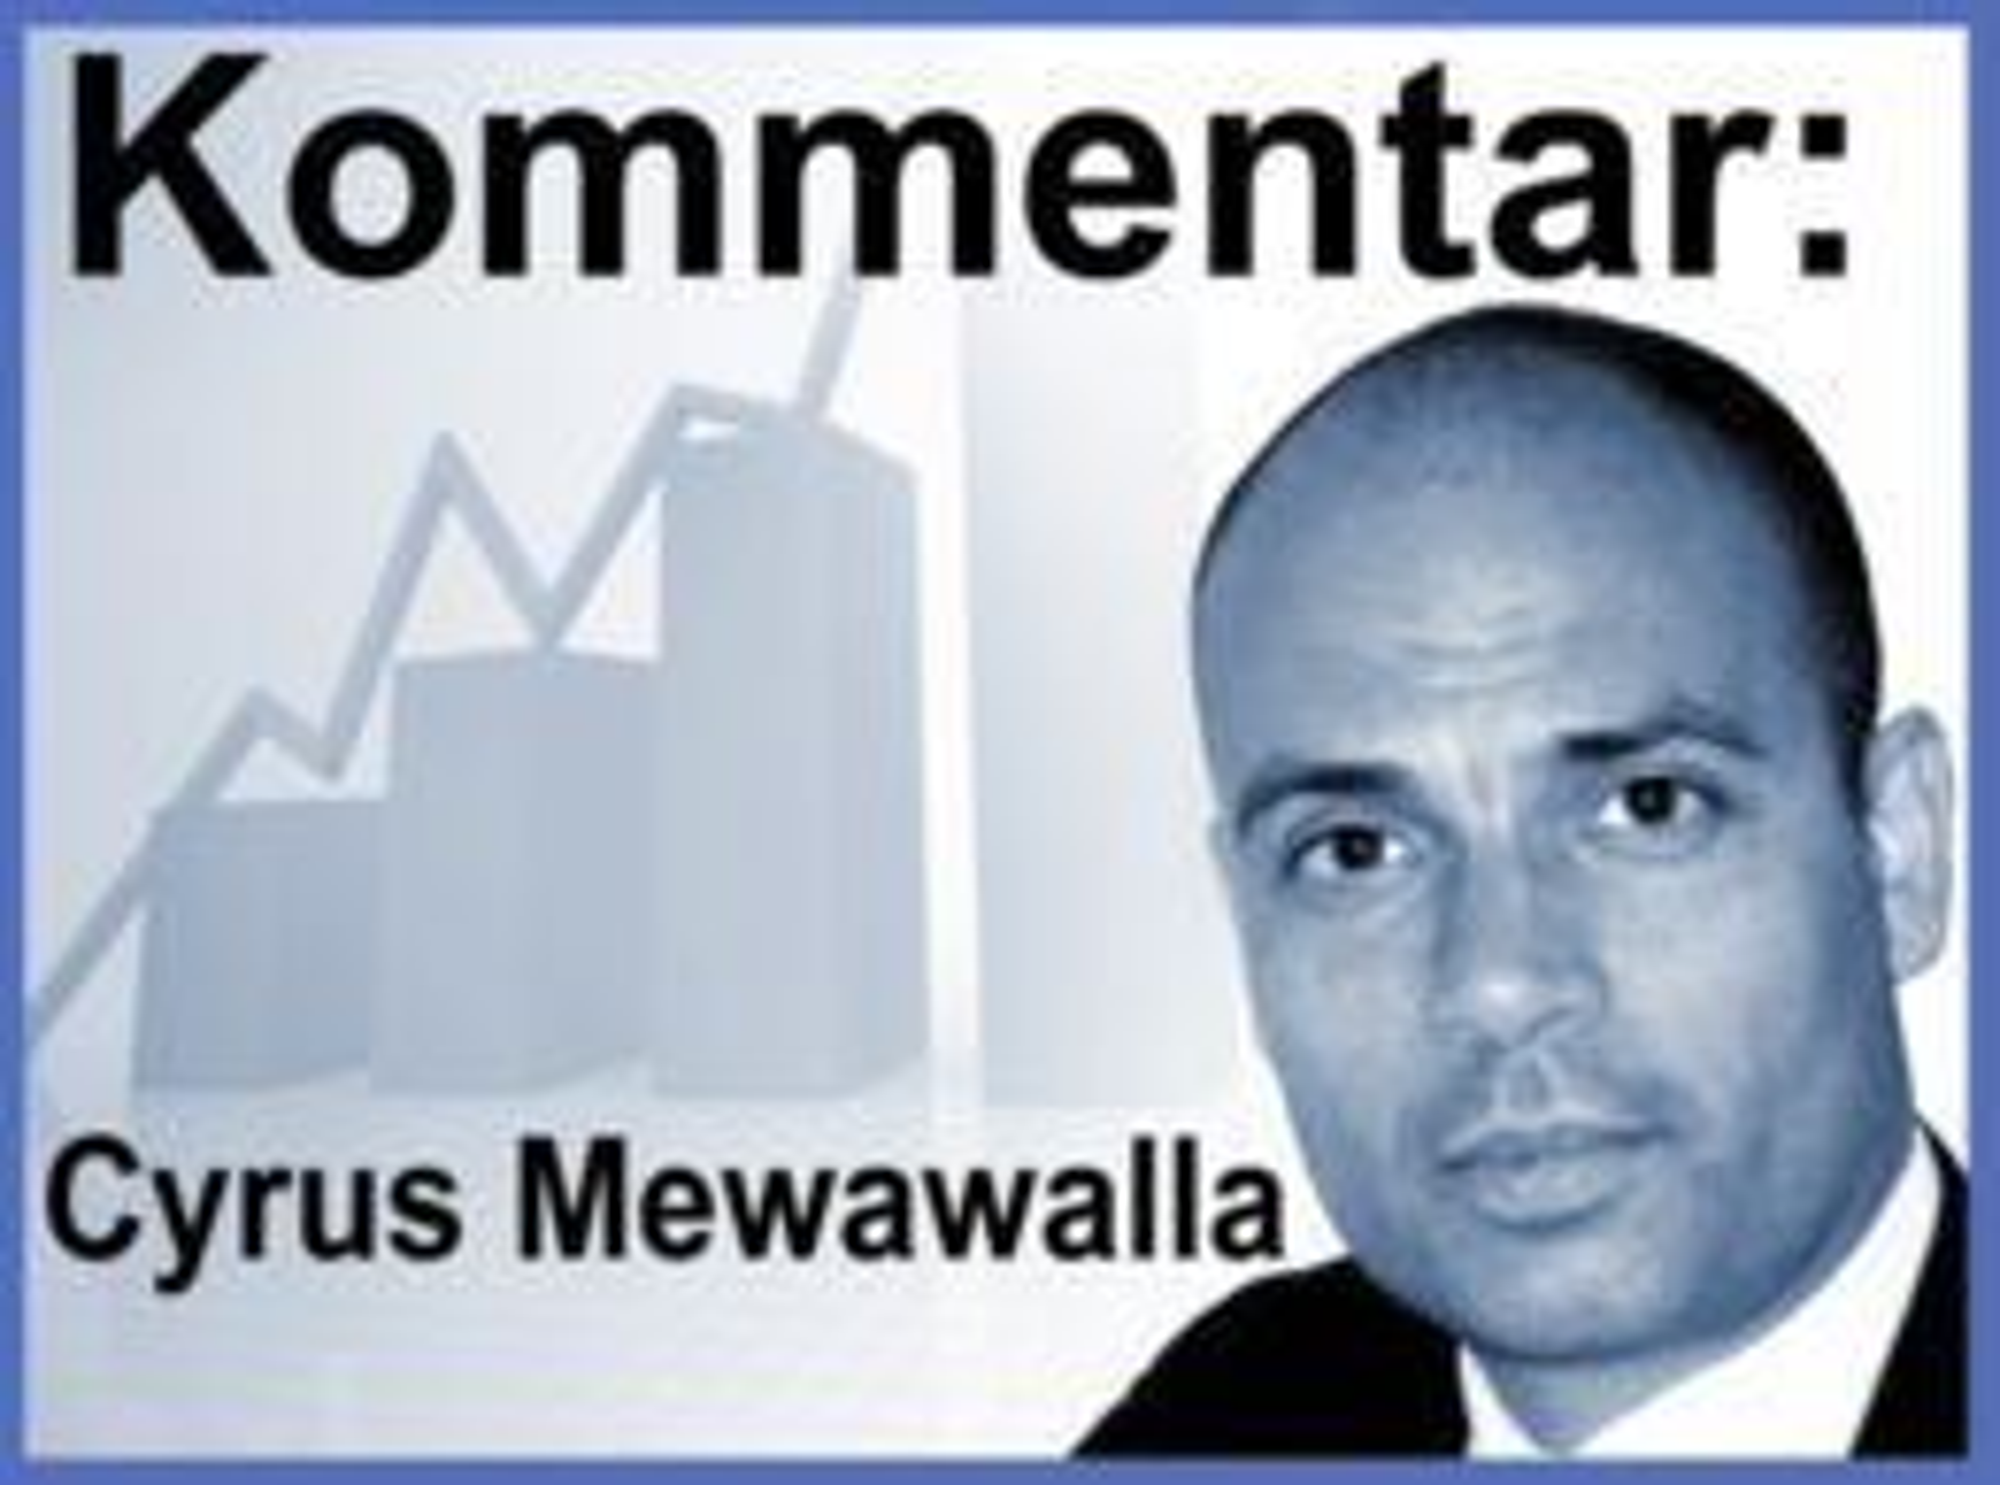 Cyrus Mewawalla er gründer i CM Research, et uavhengig selskap innen investeringsanalyse. Selskapet er basert i London og har fokus på tematisk granskning av global TMT, teknologi, medier og telekom. Mewawalla avdekker avgjørende og inngripende trender innen teknologi, og hvordan de trolig vil påvirke aksjekursen til de største aktører innen teknologi, medier og telekom. Han tilbyr både investorer og ledere helhetlig og global oversikt innen TMT.